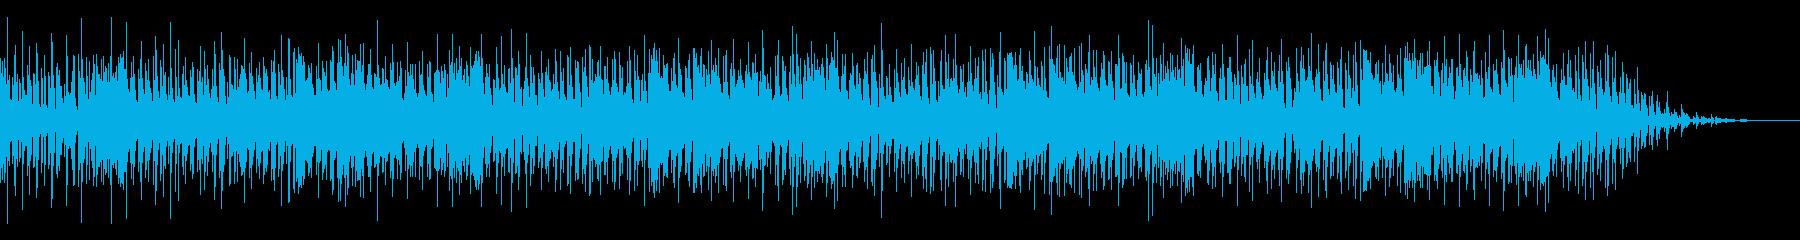 人間味のある生演奏風ブルースバンドの再生済みの波形